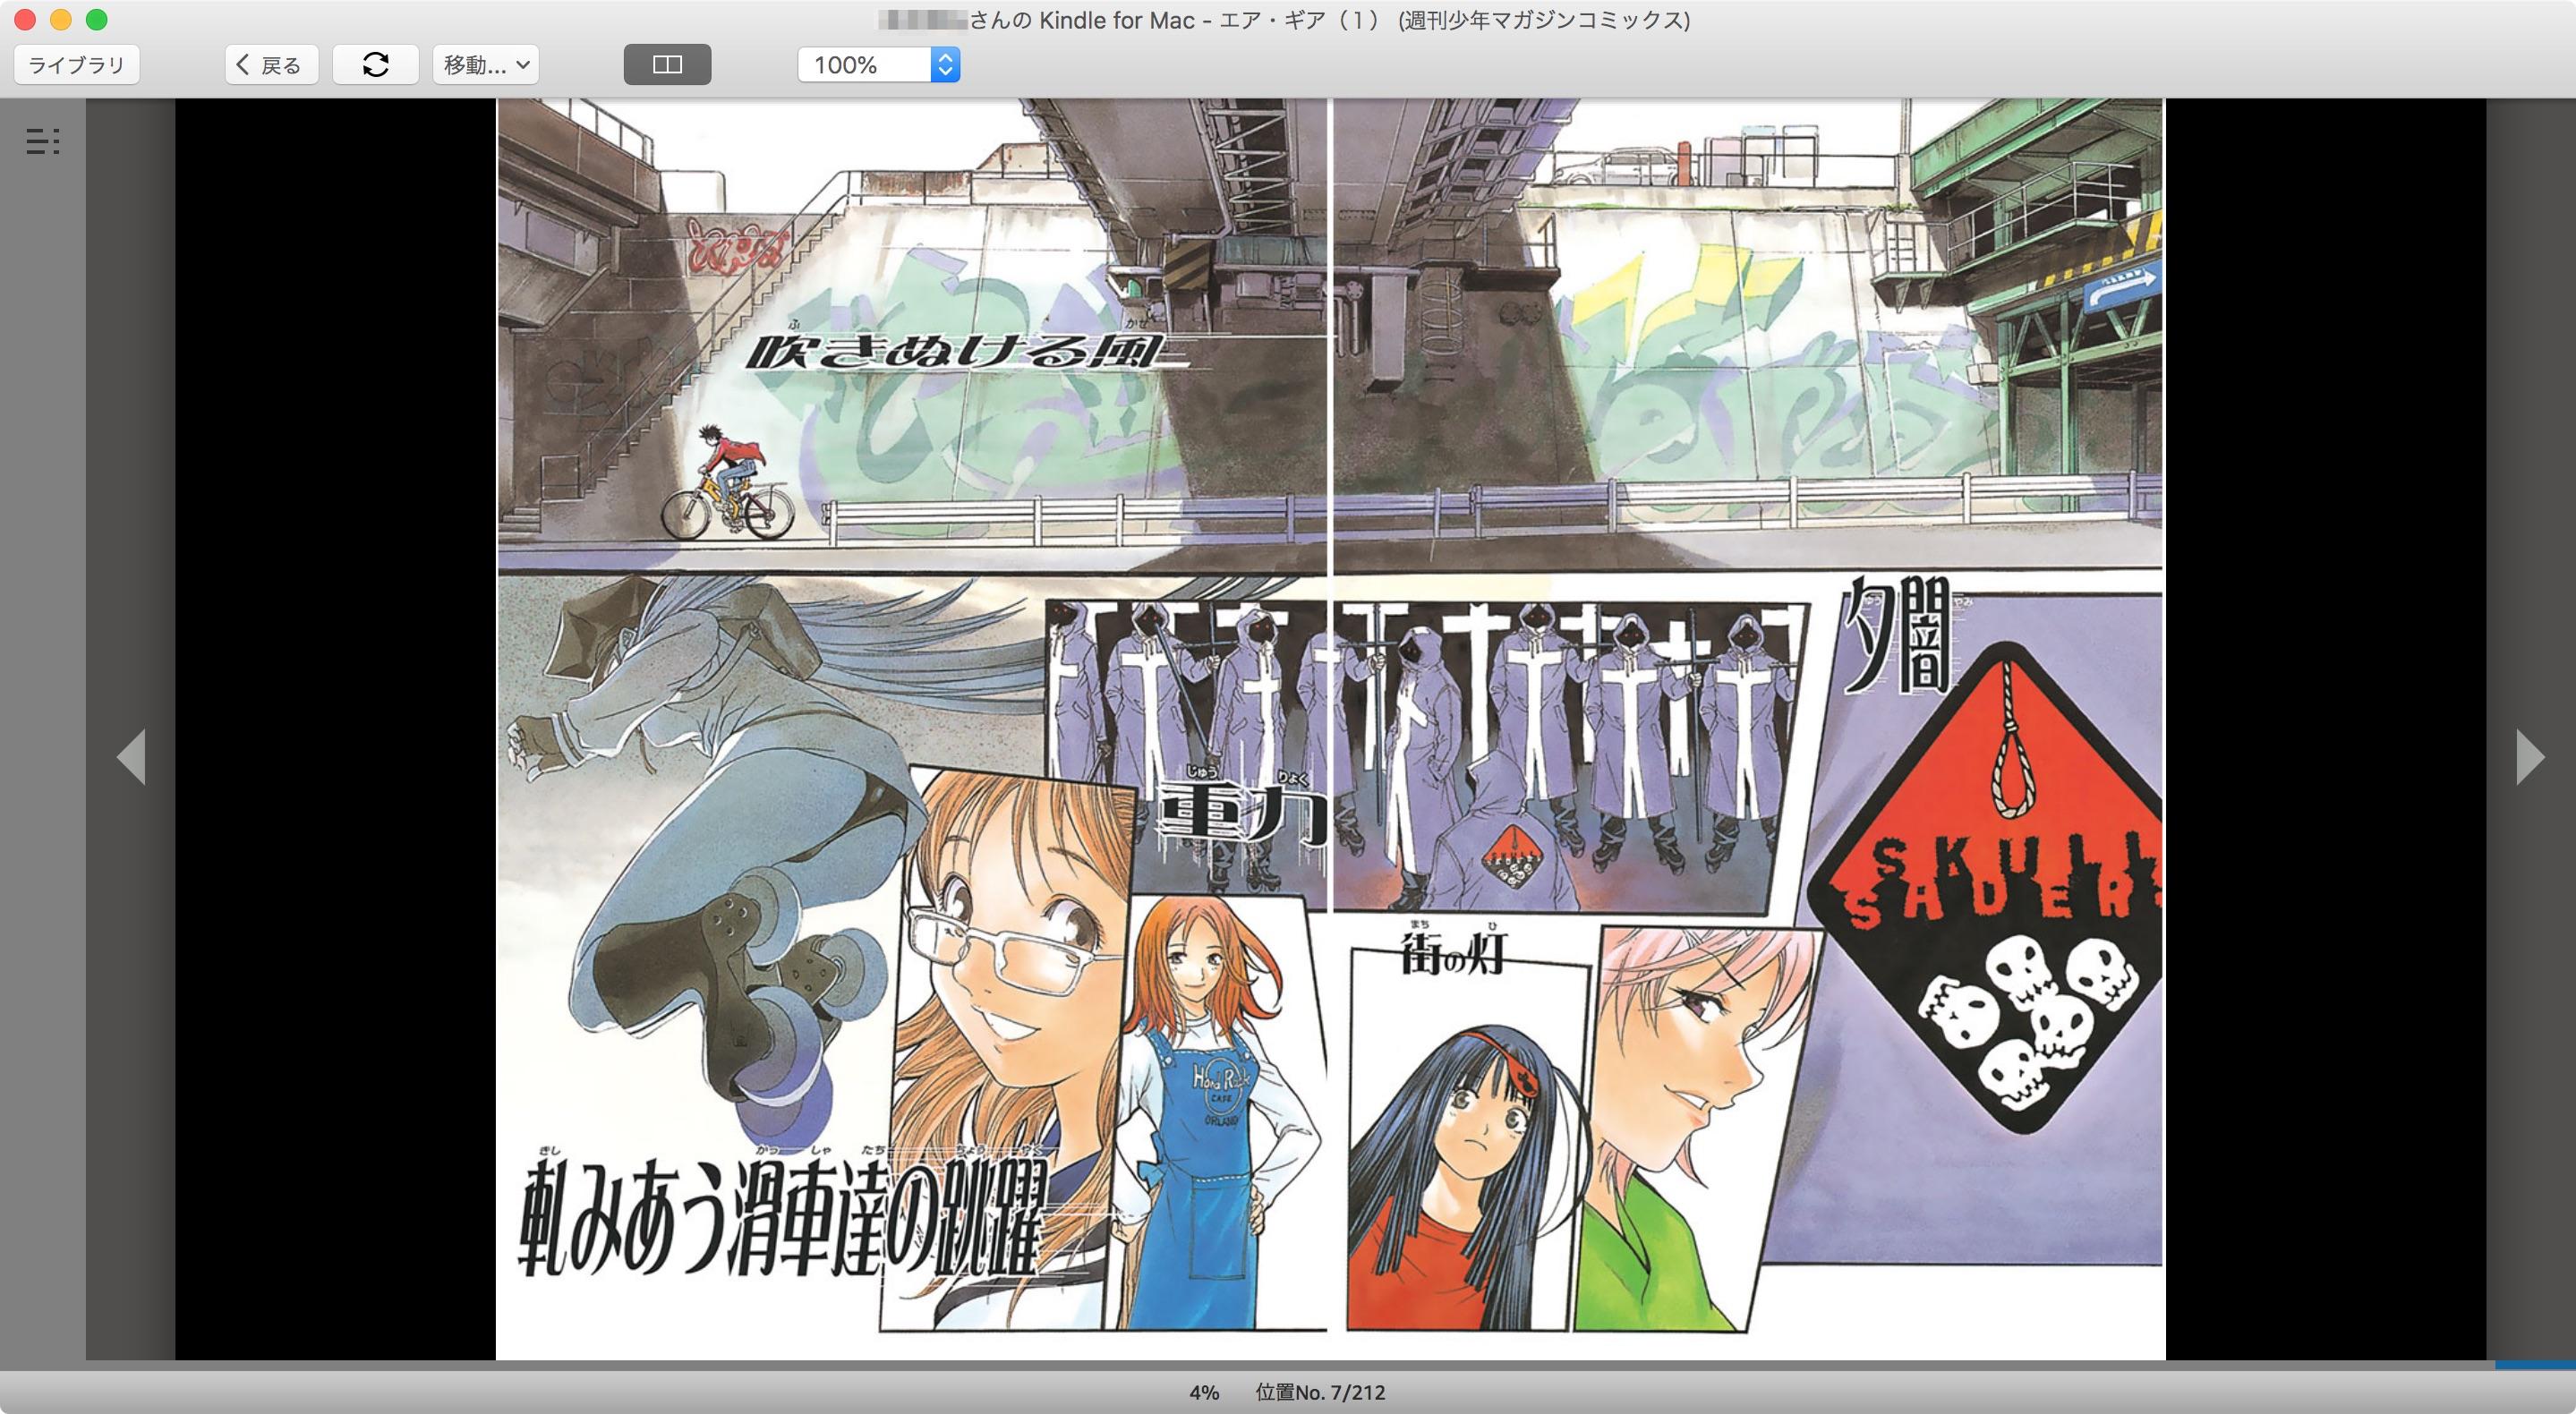 Kindle_for_Mac_-_エア・ギア(1)__週刊少年マガジンコミックス_